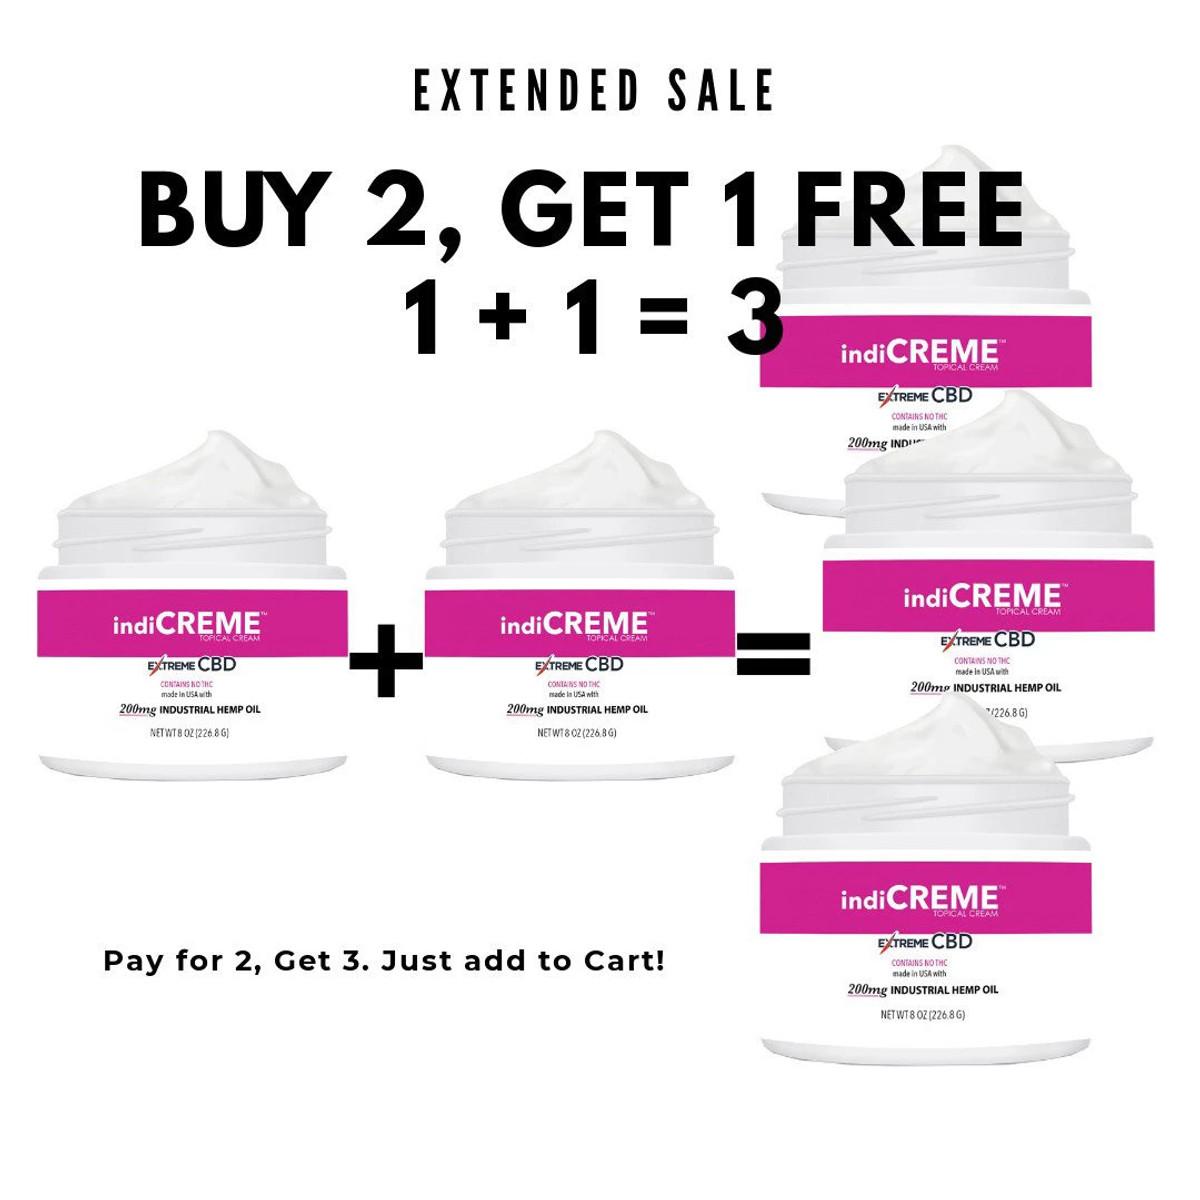 1 +1 = 3 | indiCREME® Pure CBD - 8 oz. Jar